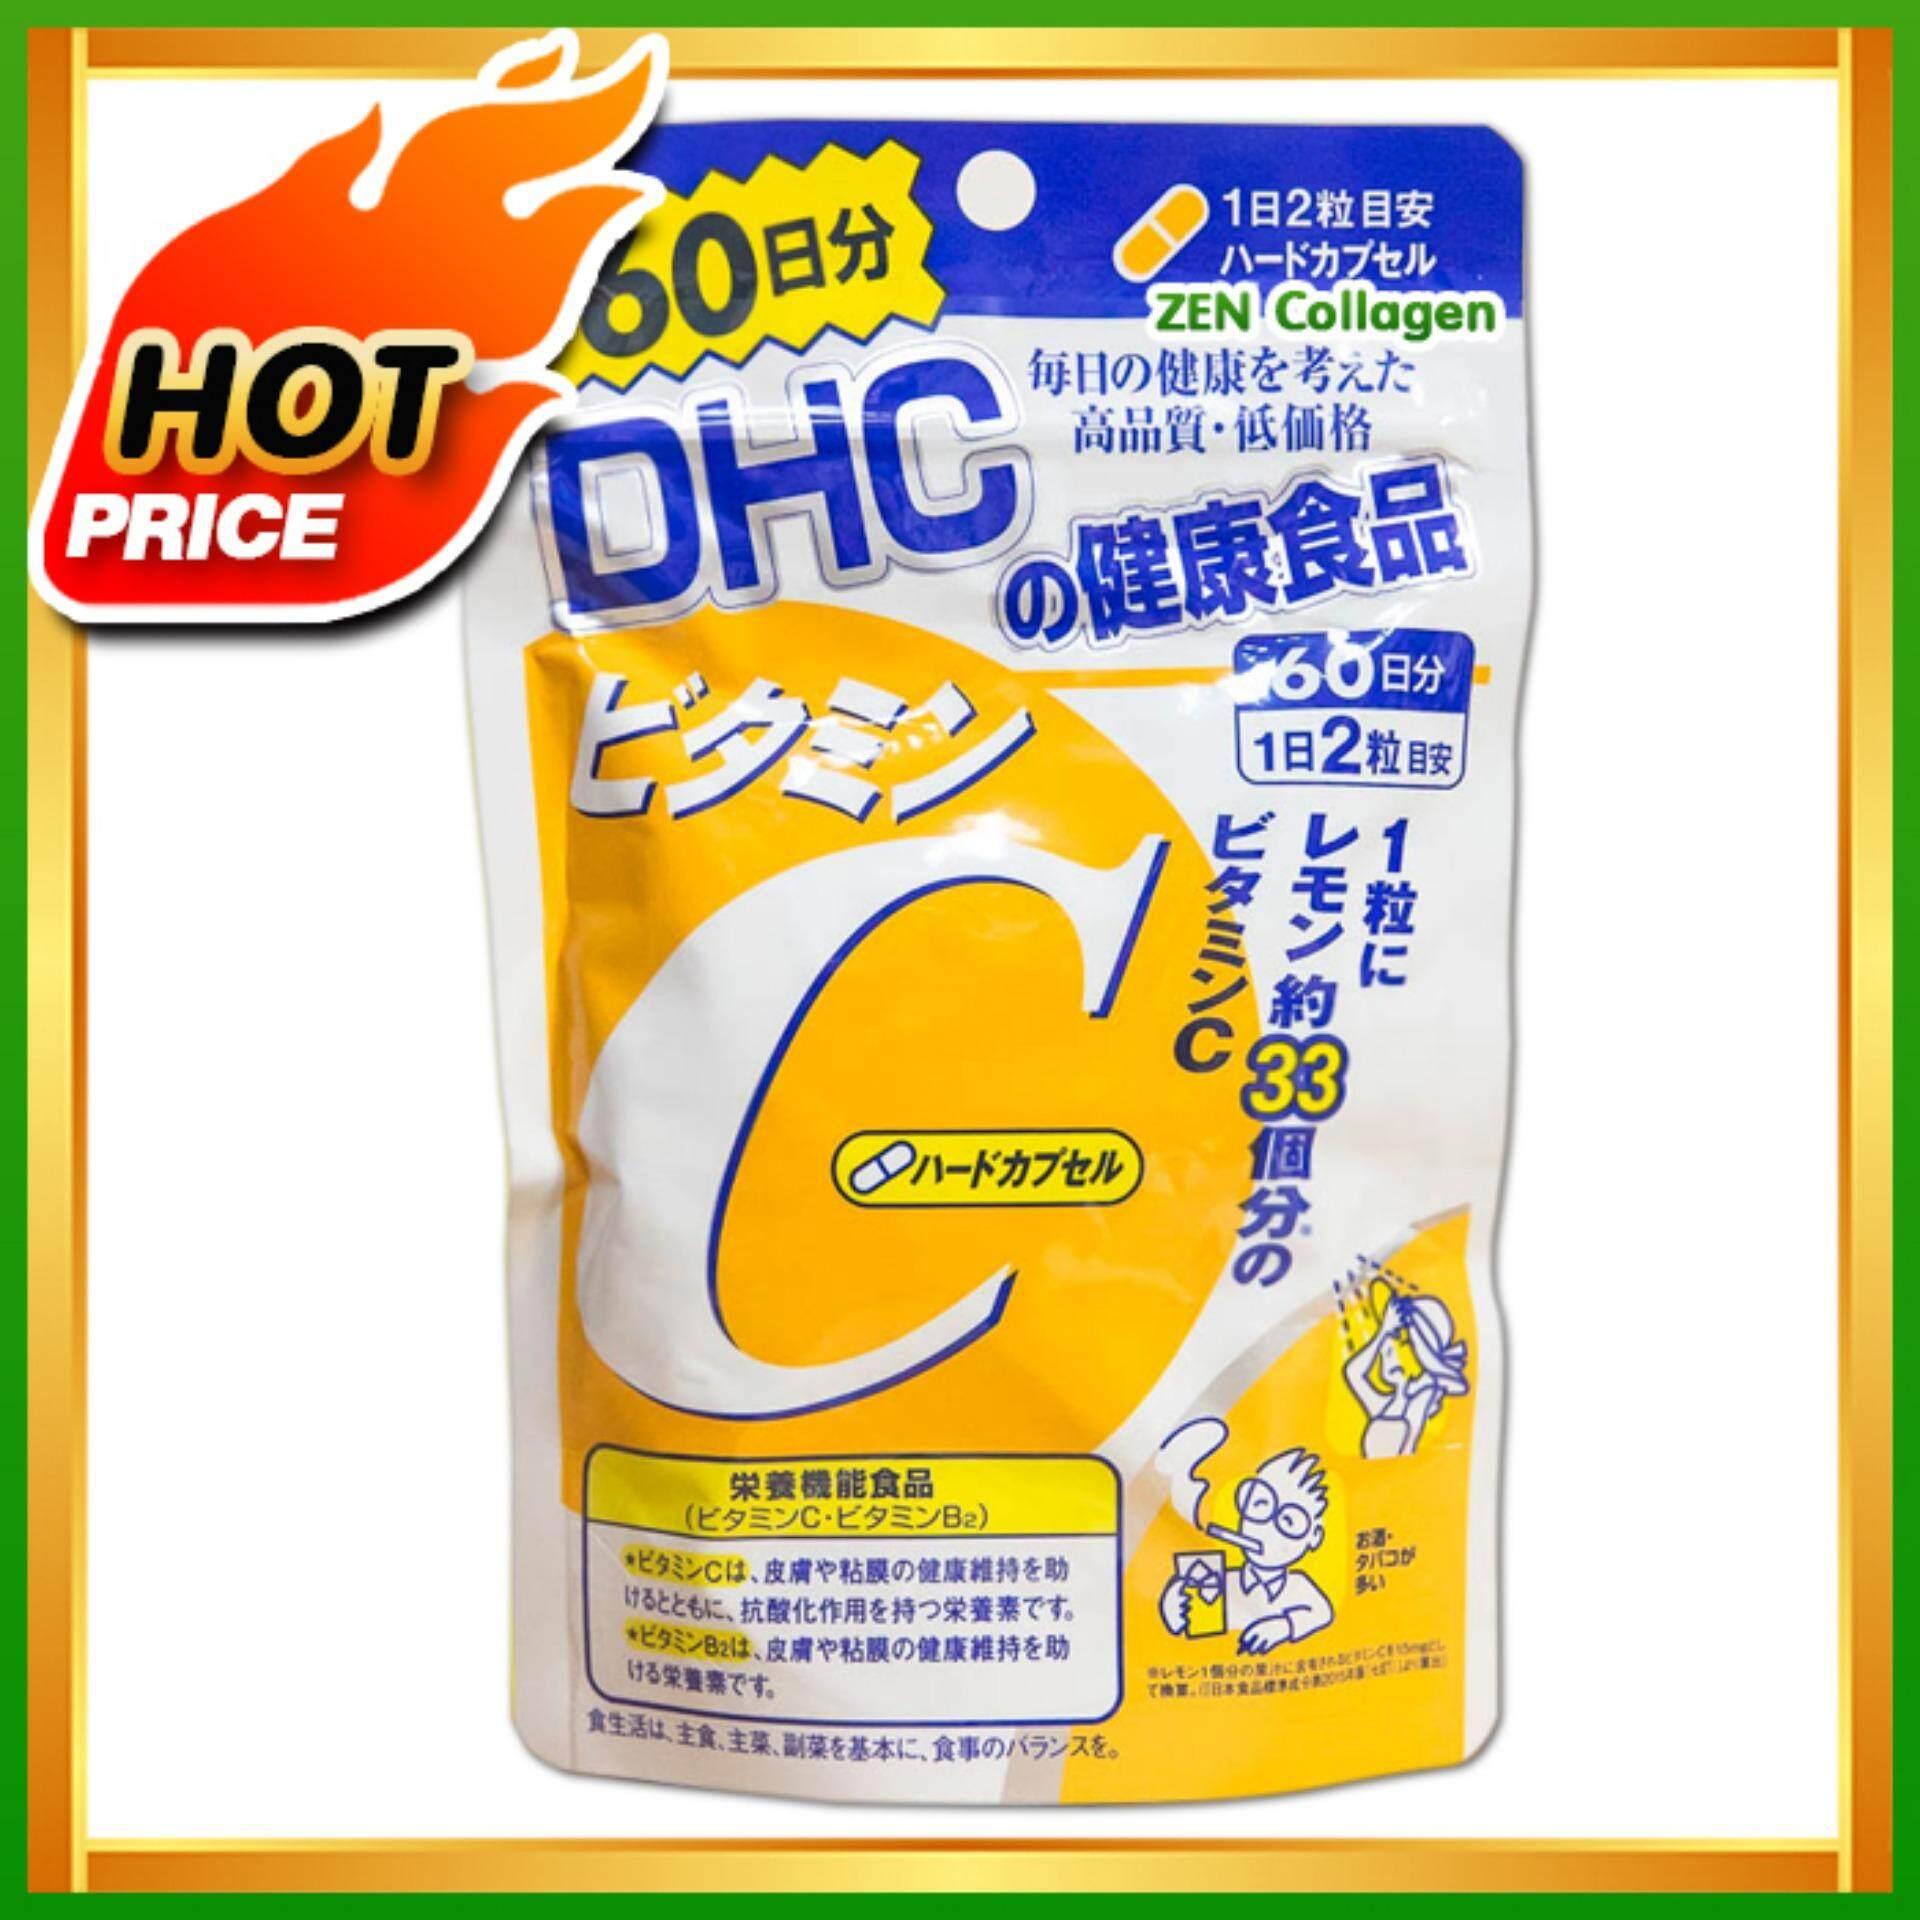 Dhc Vitamin C ดีเอชซี วิตามินซี 60 วัน ผิวพรรณสดใส มีน้ำมีนวล  ผิวขาวกระจ่างใสหน้าดูผุดผ่อง ไม่หมองคล้ำ โดยเฉพาะผู้สูบบุหรี่และดื่มเหล้า เซ็ต 1 ซอง (1 ซอง / 120 เม็ด).